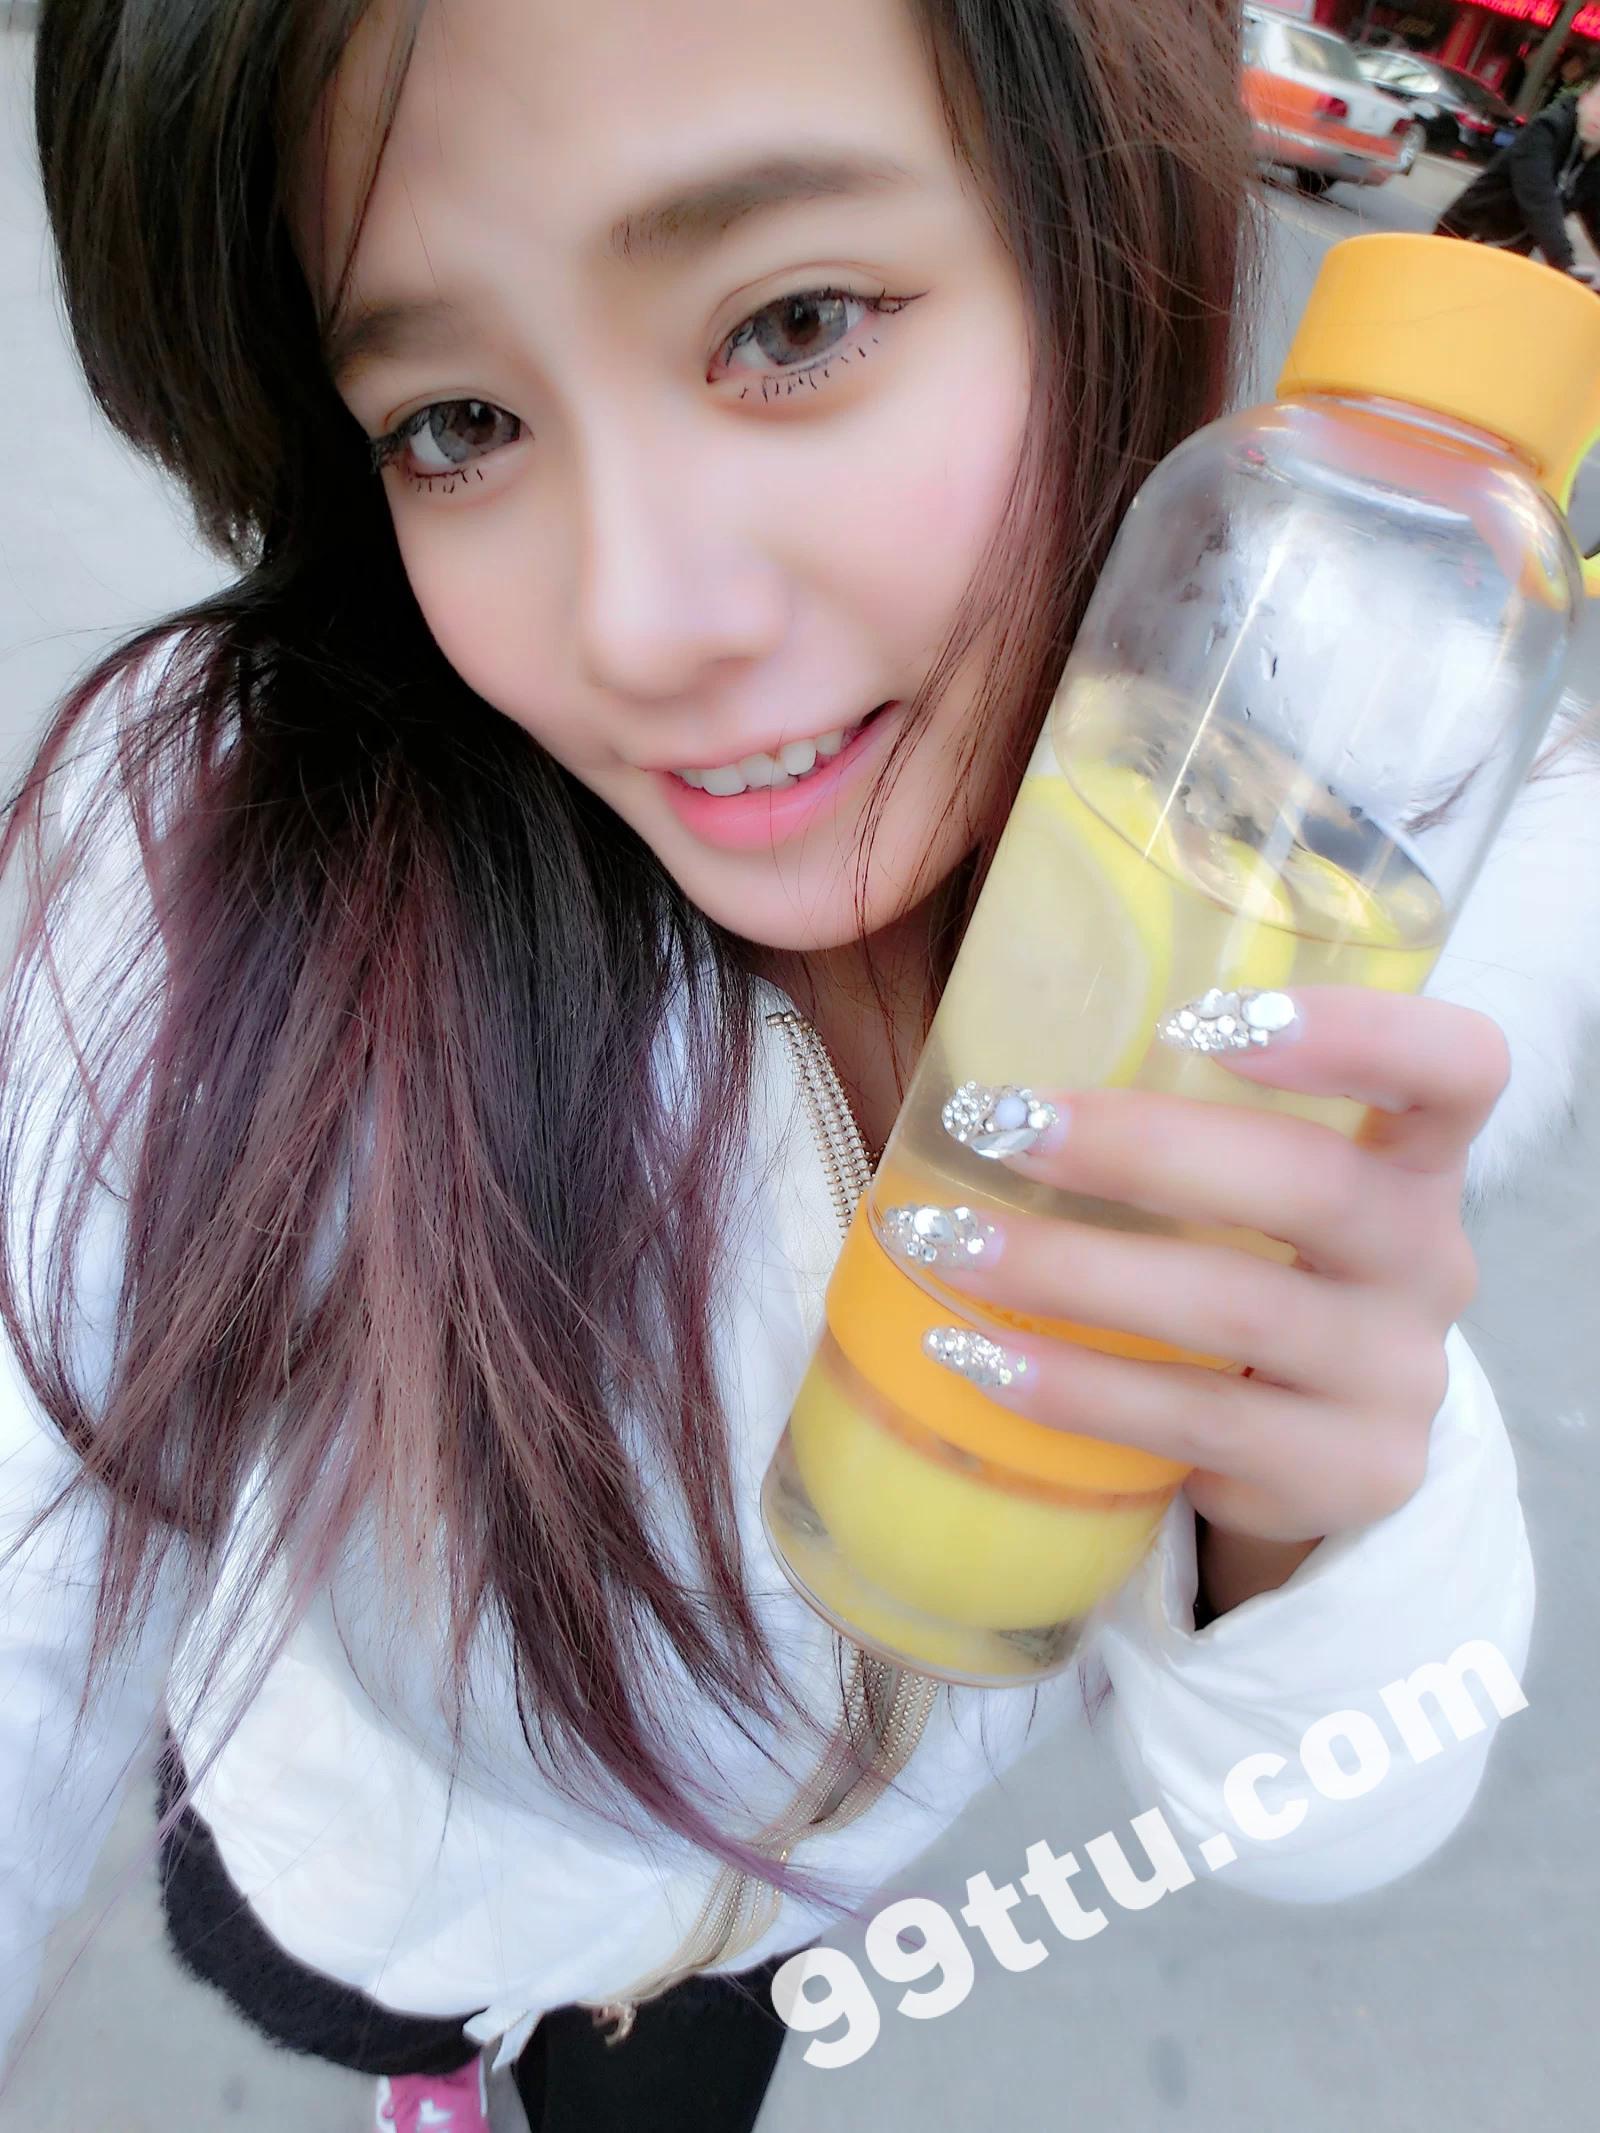 KK90_1390图+6视频 美女靓丽青春素材生活照-5